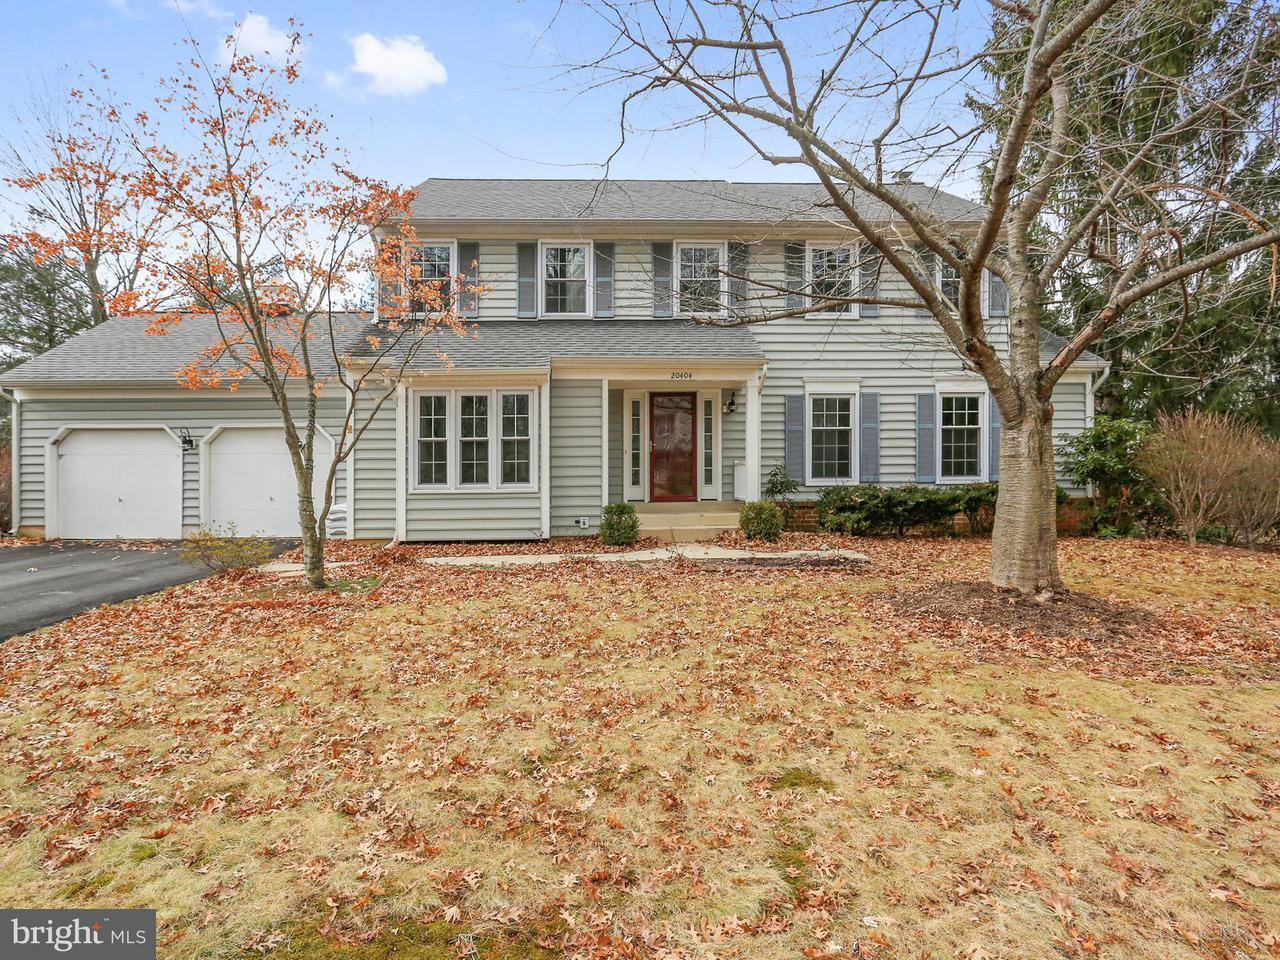 独户住宅 为 销售 在 20404 Rainbowview Ter 20404 Rainbowview Ter Montgomery Village, 马里兰州 20886 美国